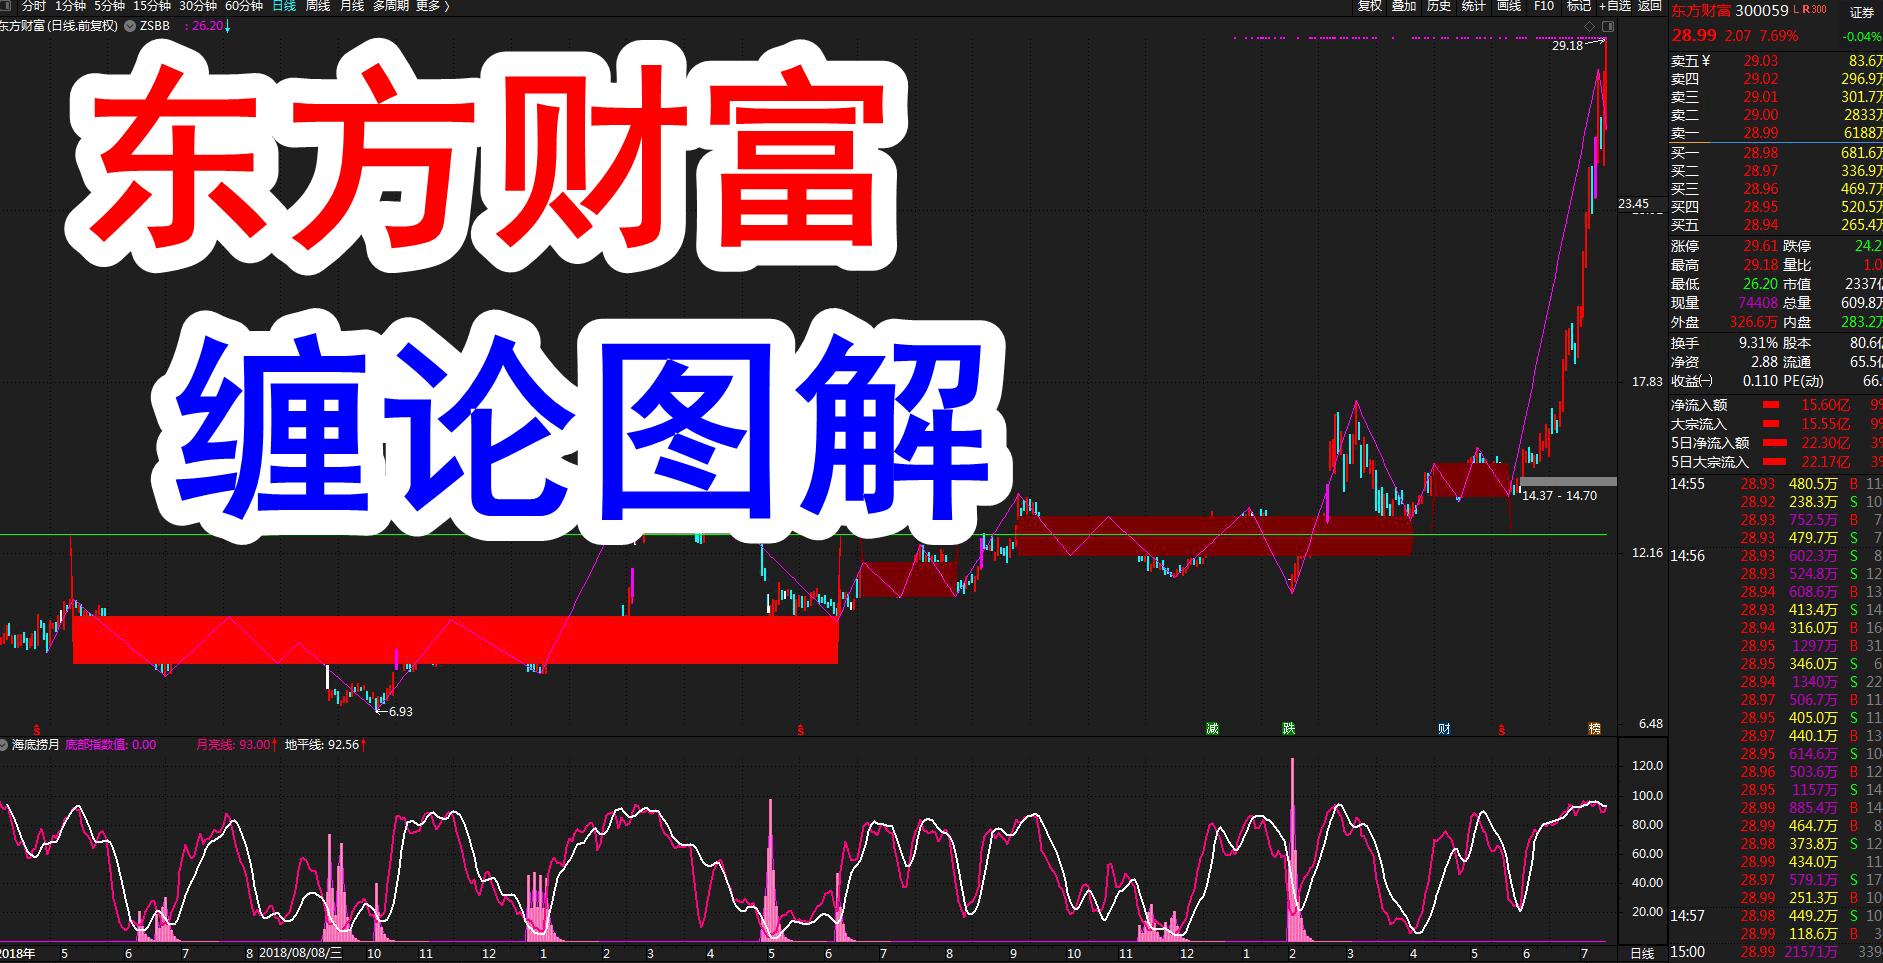 缠论牛股:东方财富(300059)缠论牛市教科书式图解(7月14日)